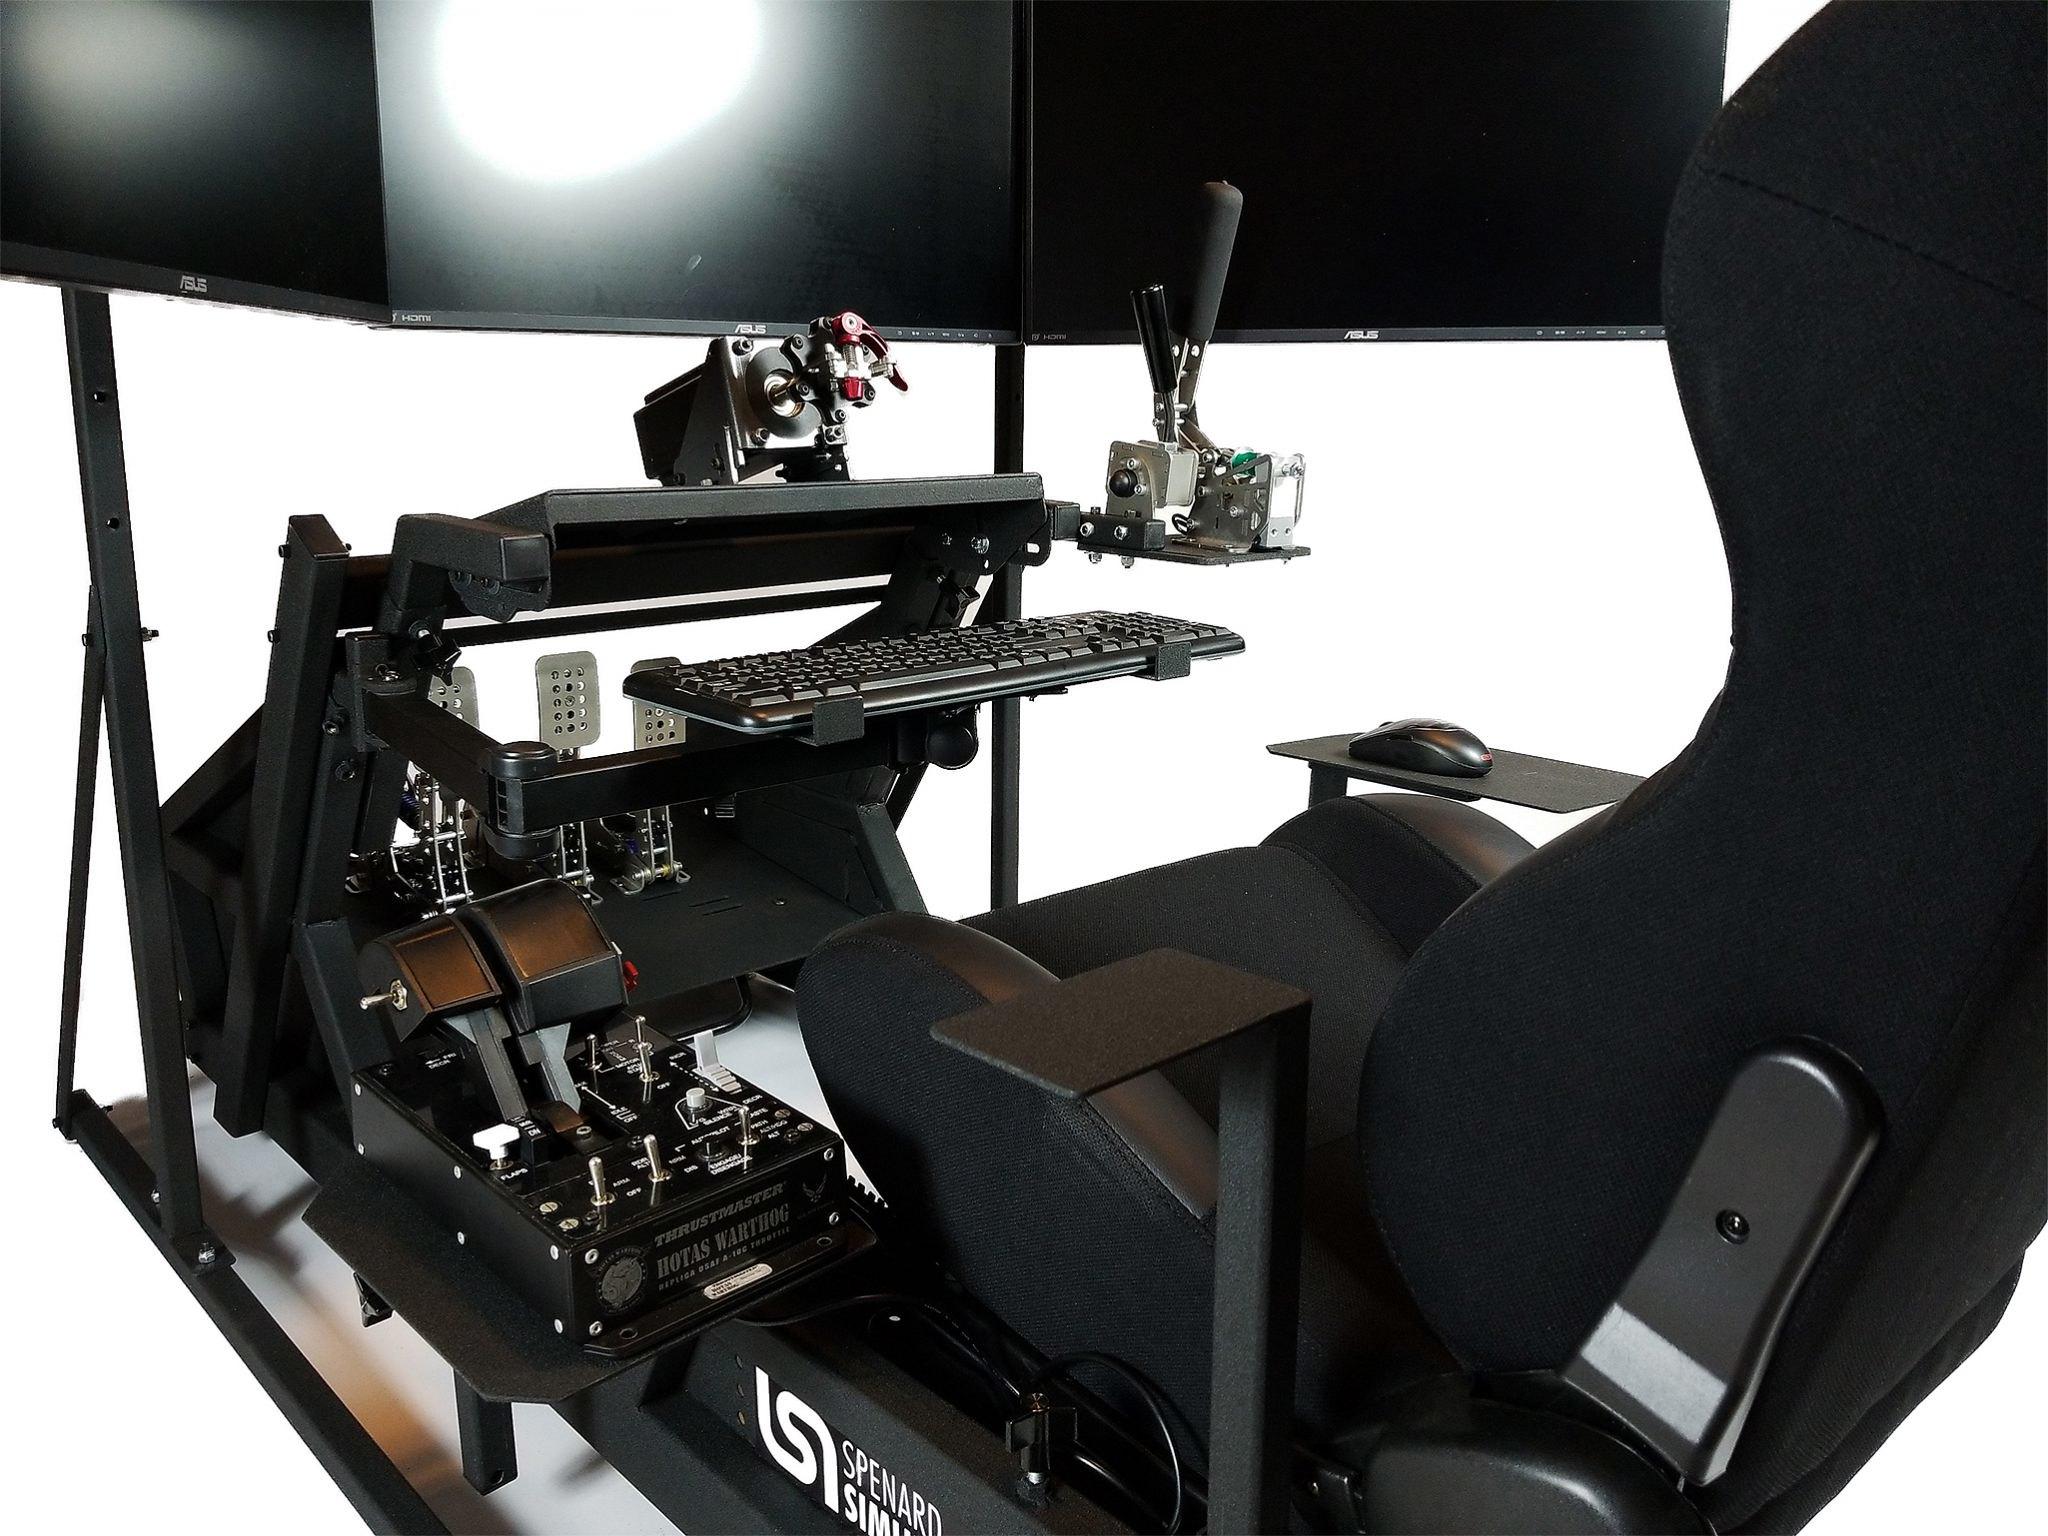 Spenard-Ultimate-Cockpit4